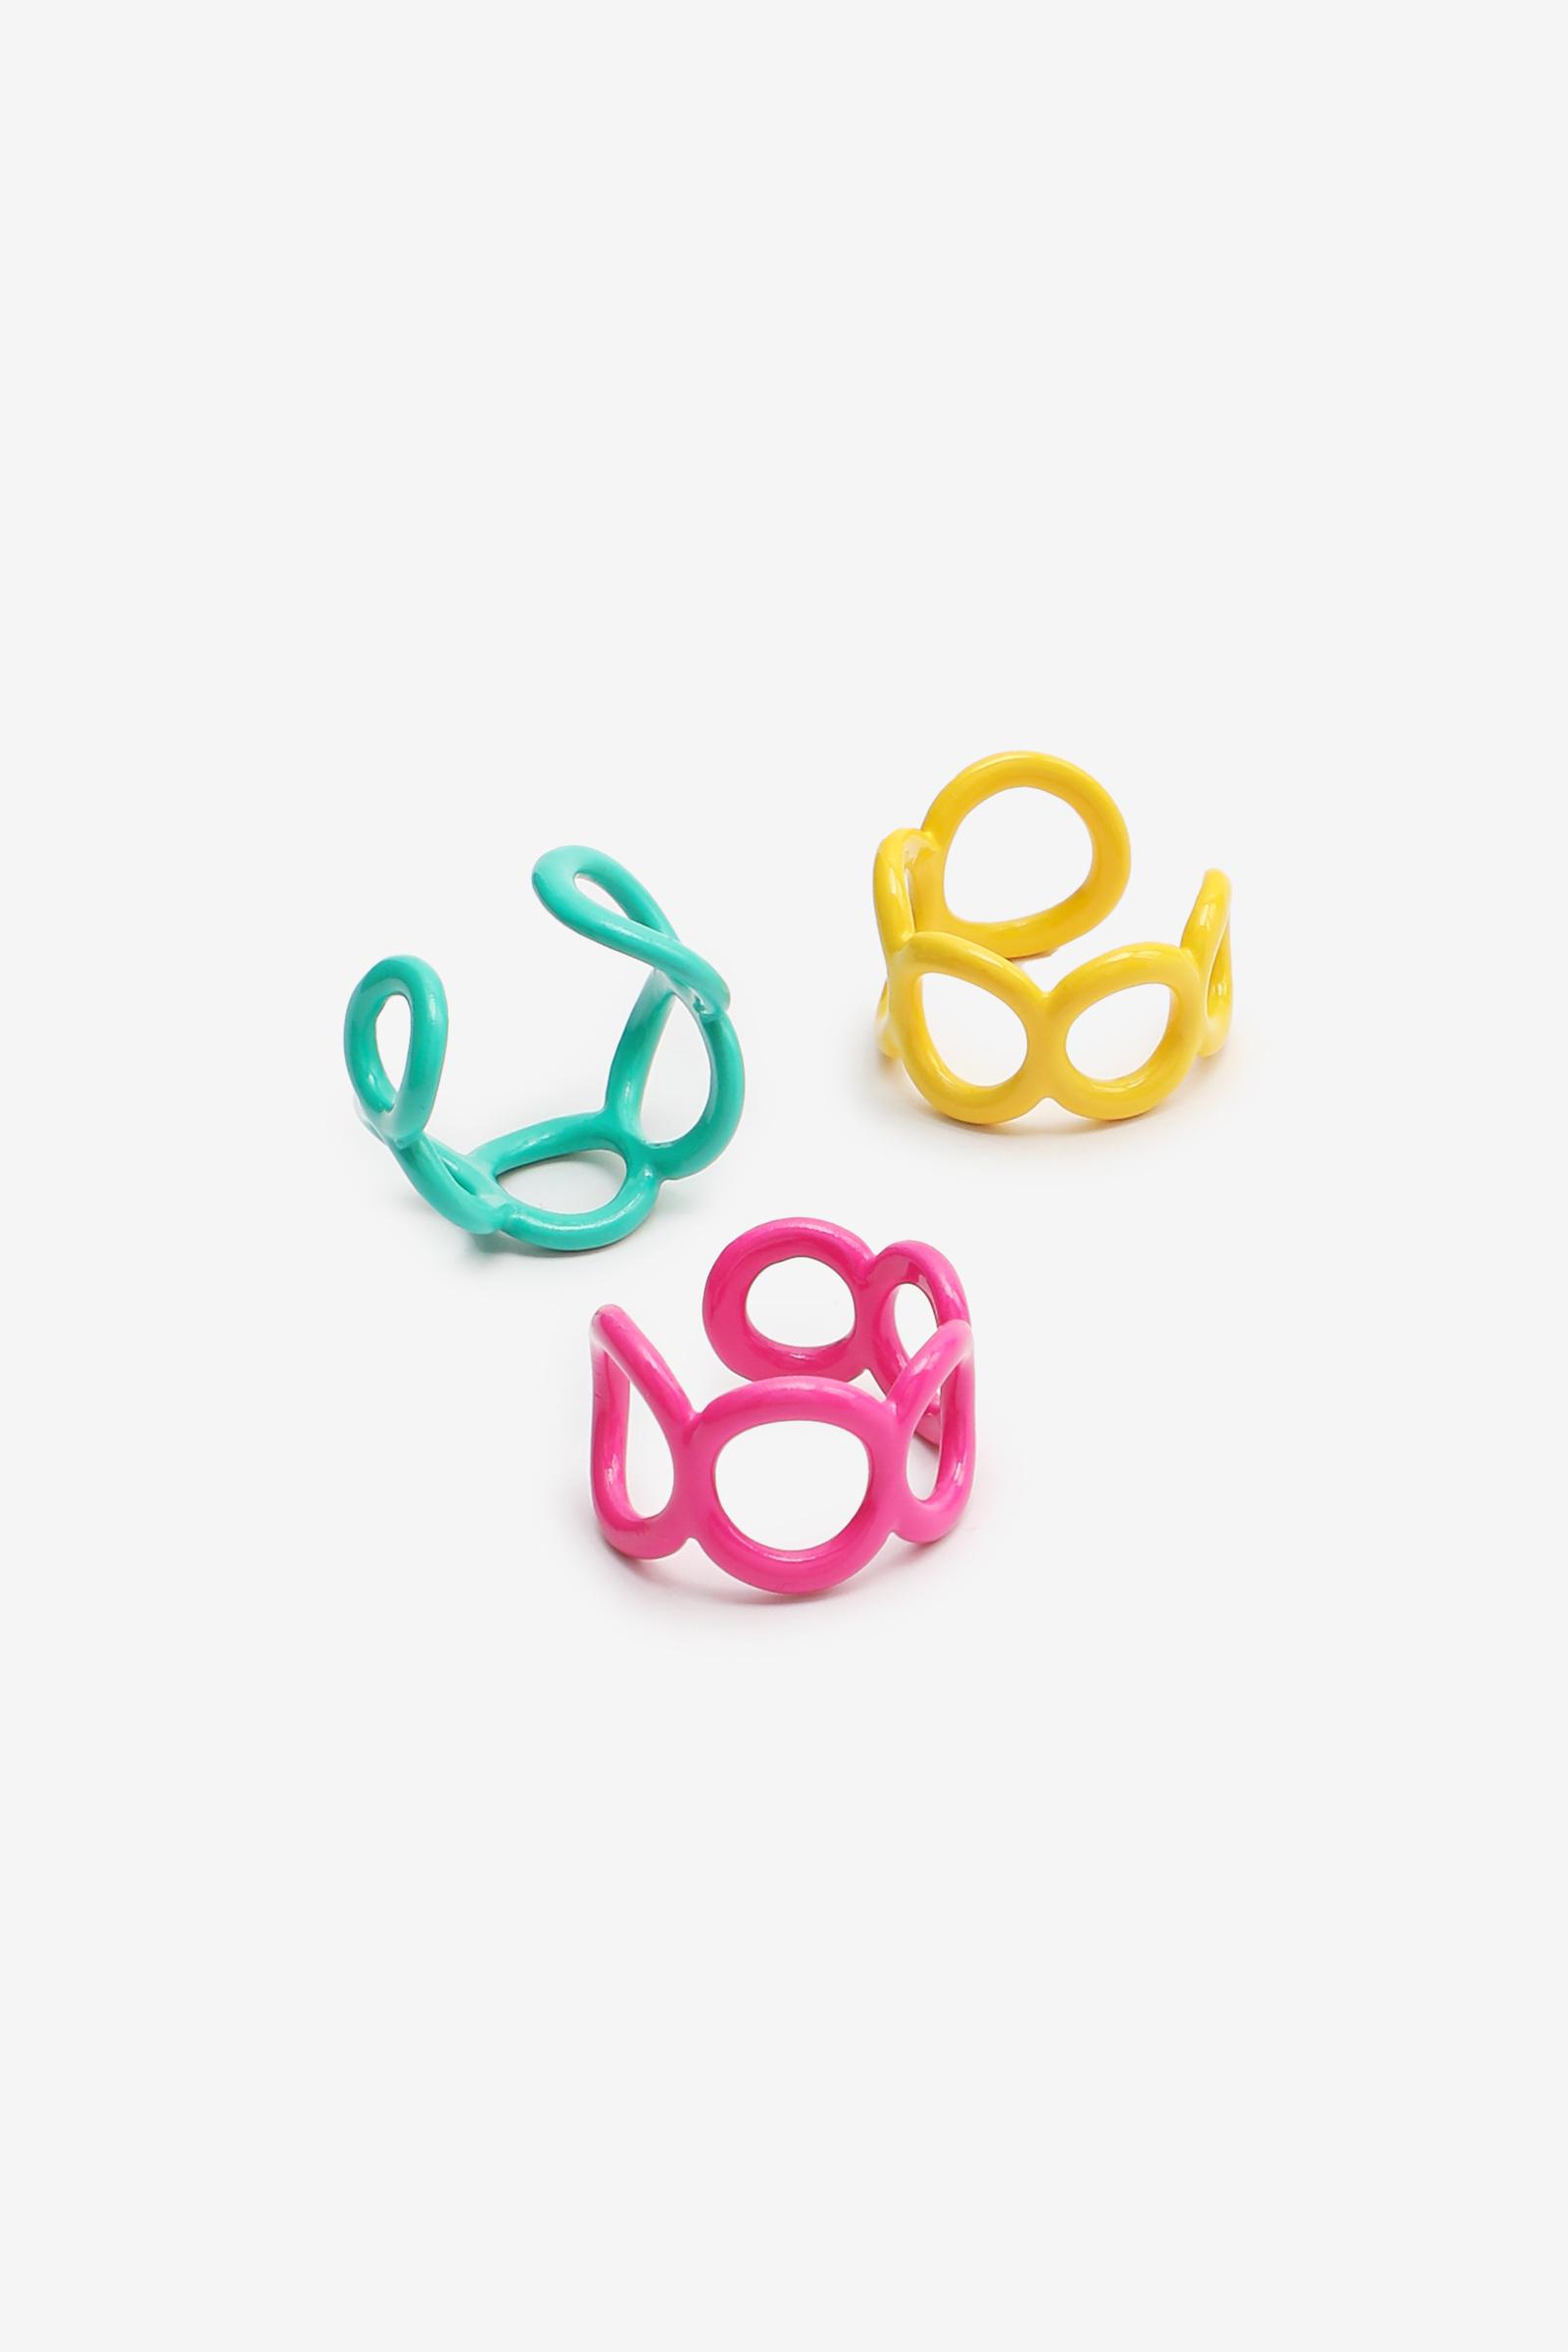 Fun Chain-like Ring Set